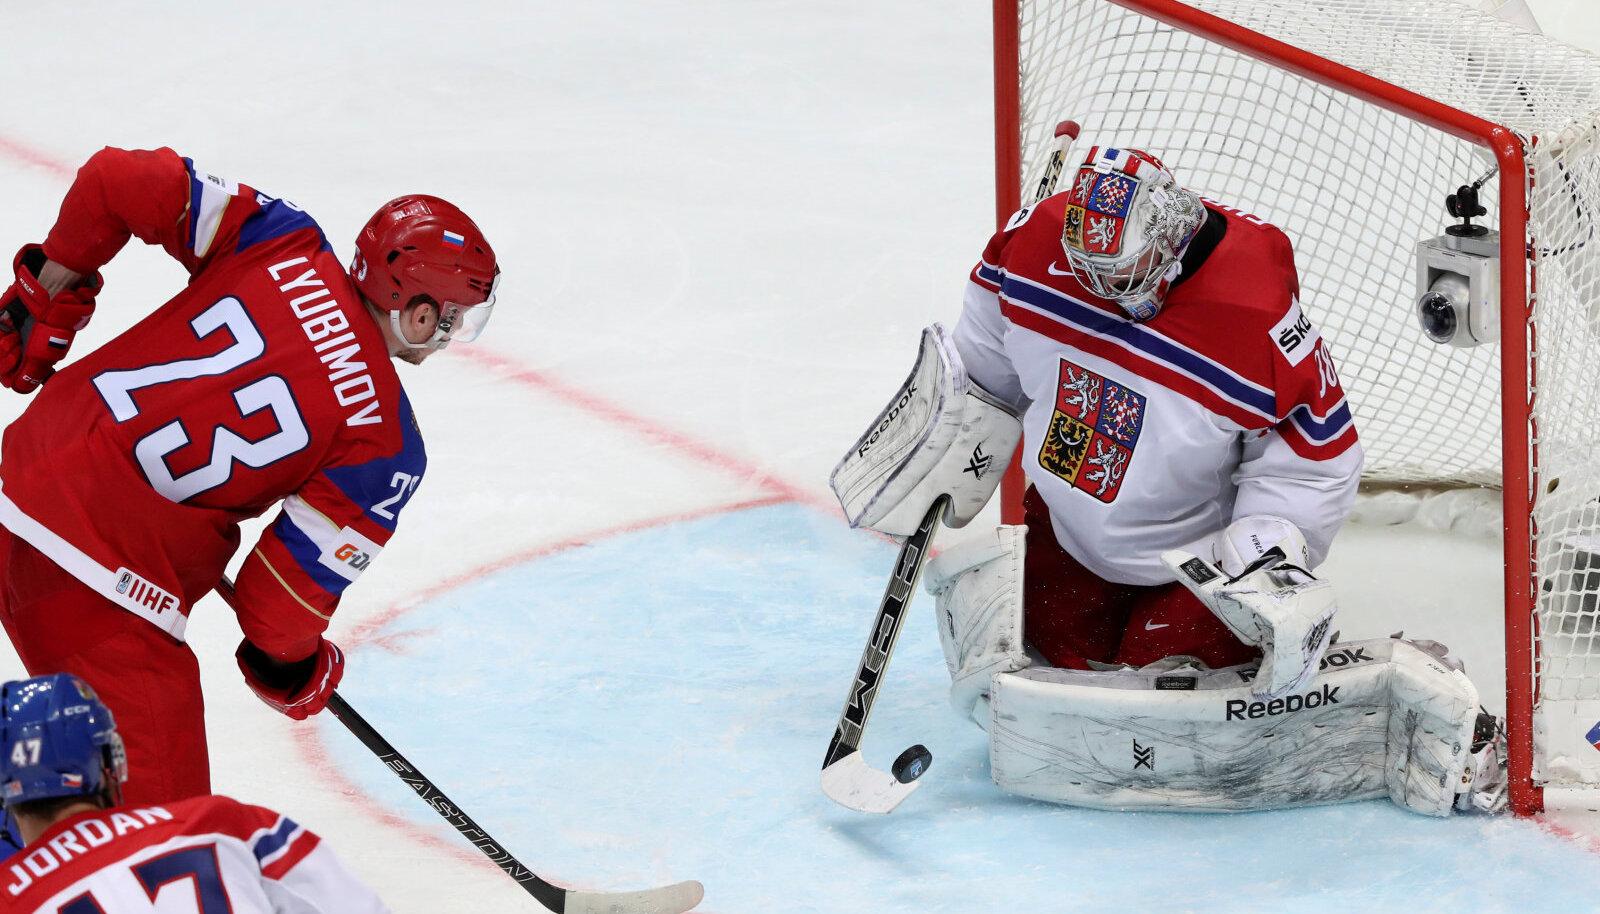 Dominik Furchi selja taha venelased litrit ei saanud